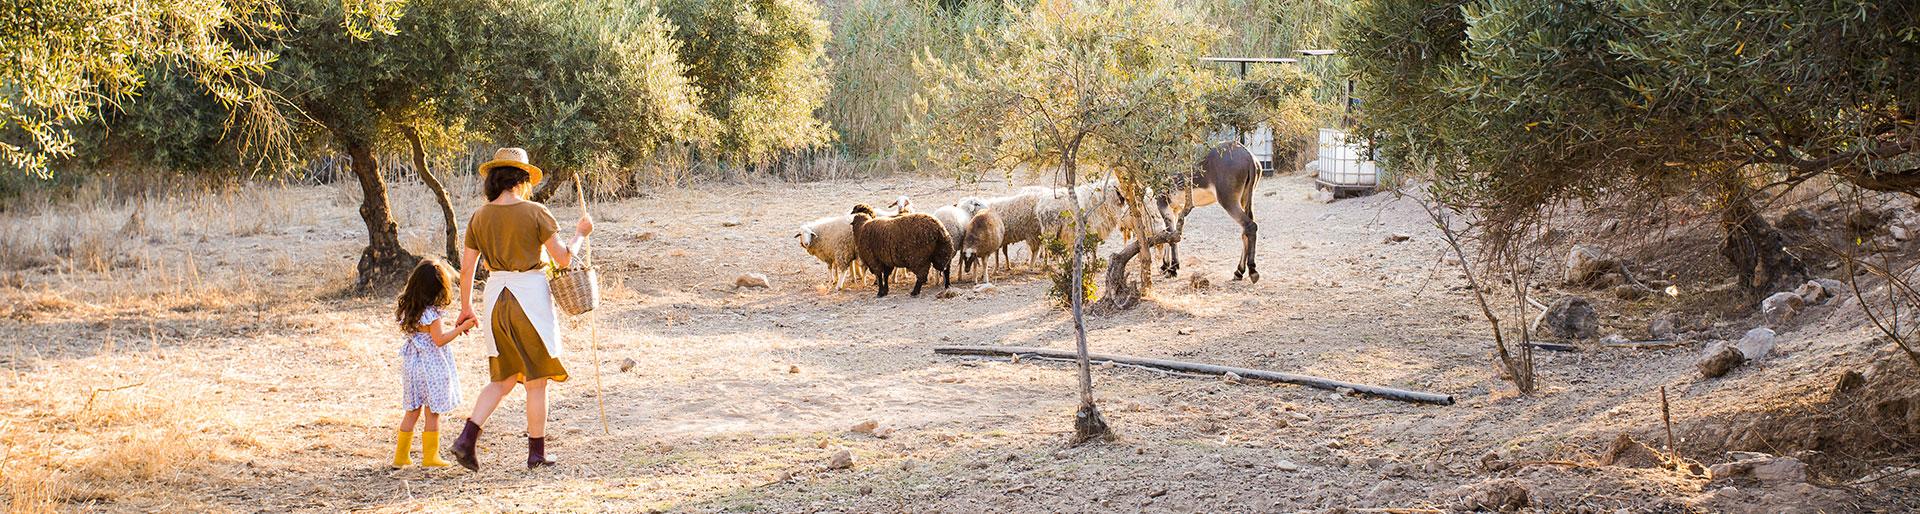 CAPa MA - une femme et sa fille guidant le bétail